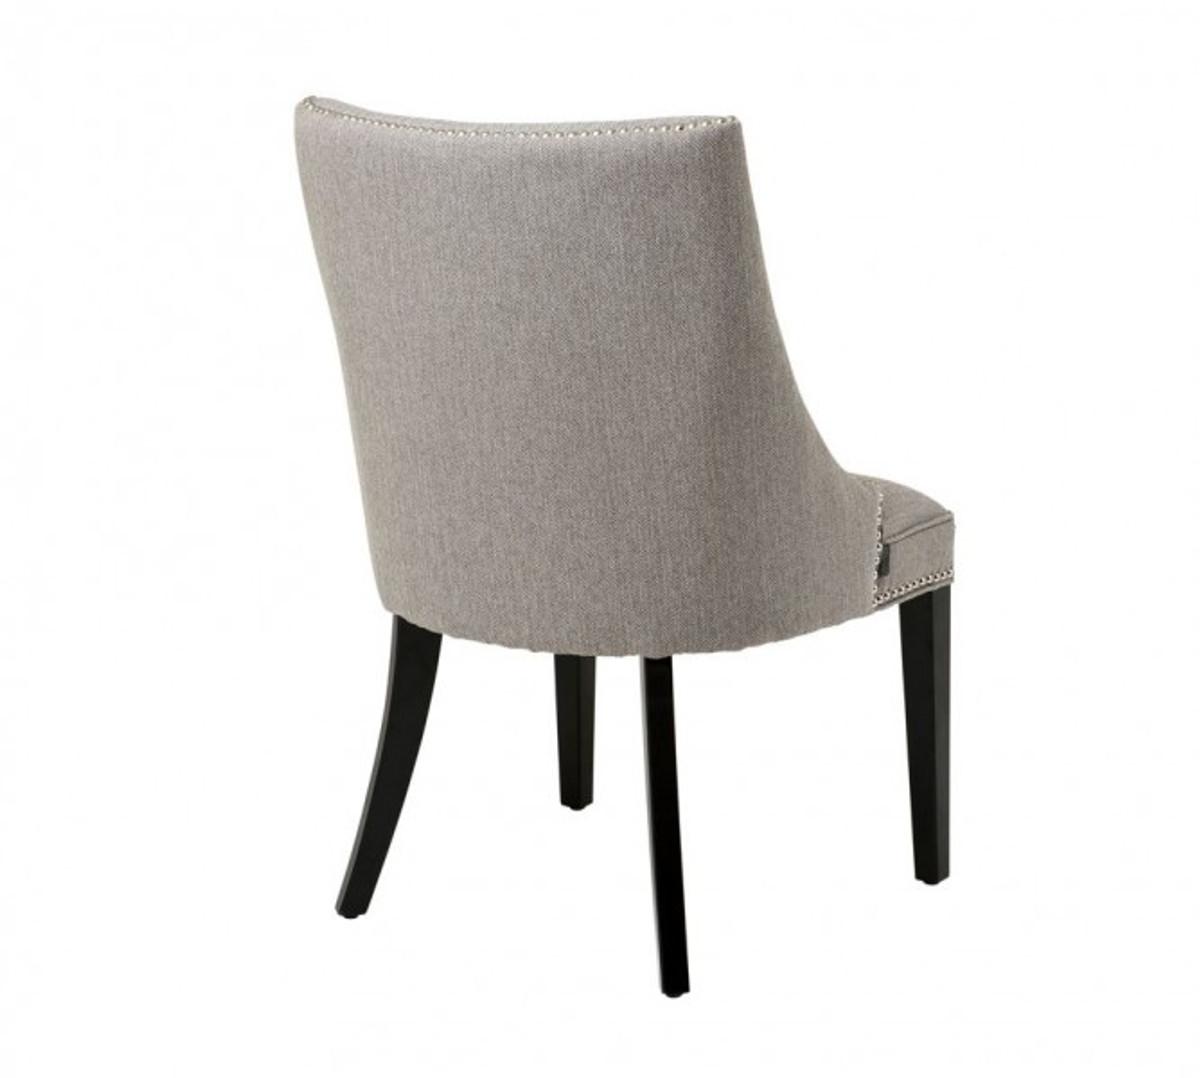 Casa Padrino Luxus Birkenholz Esszimmer Stuhl Graubraun - Luxus Hotel Möbel Stühle Luxus Stühle ...